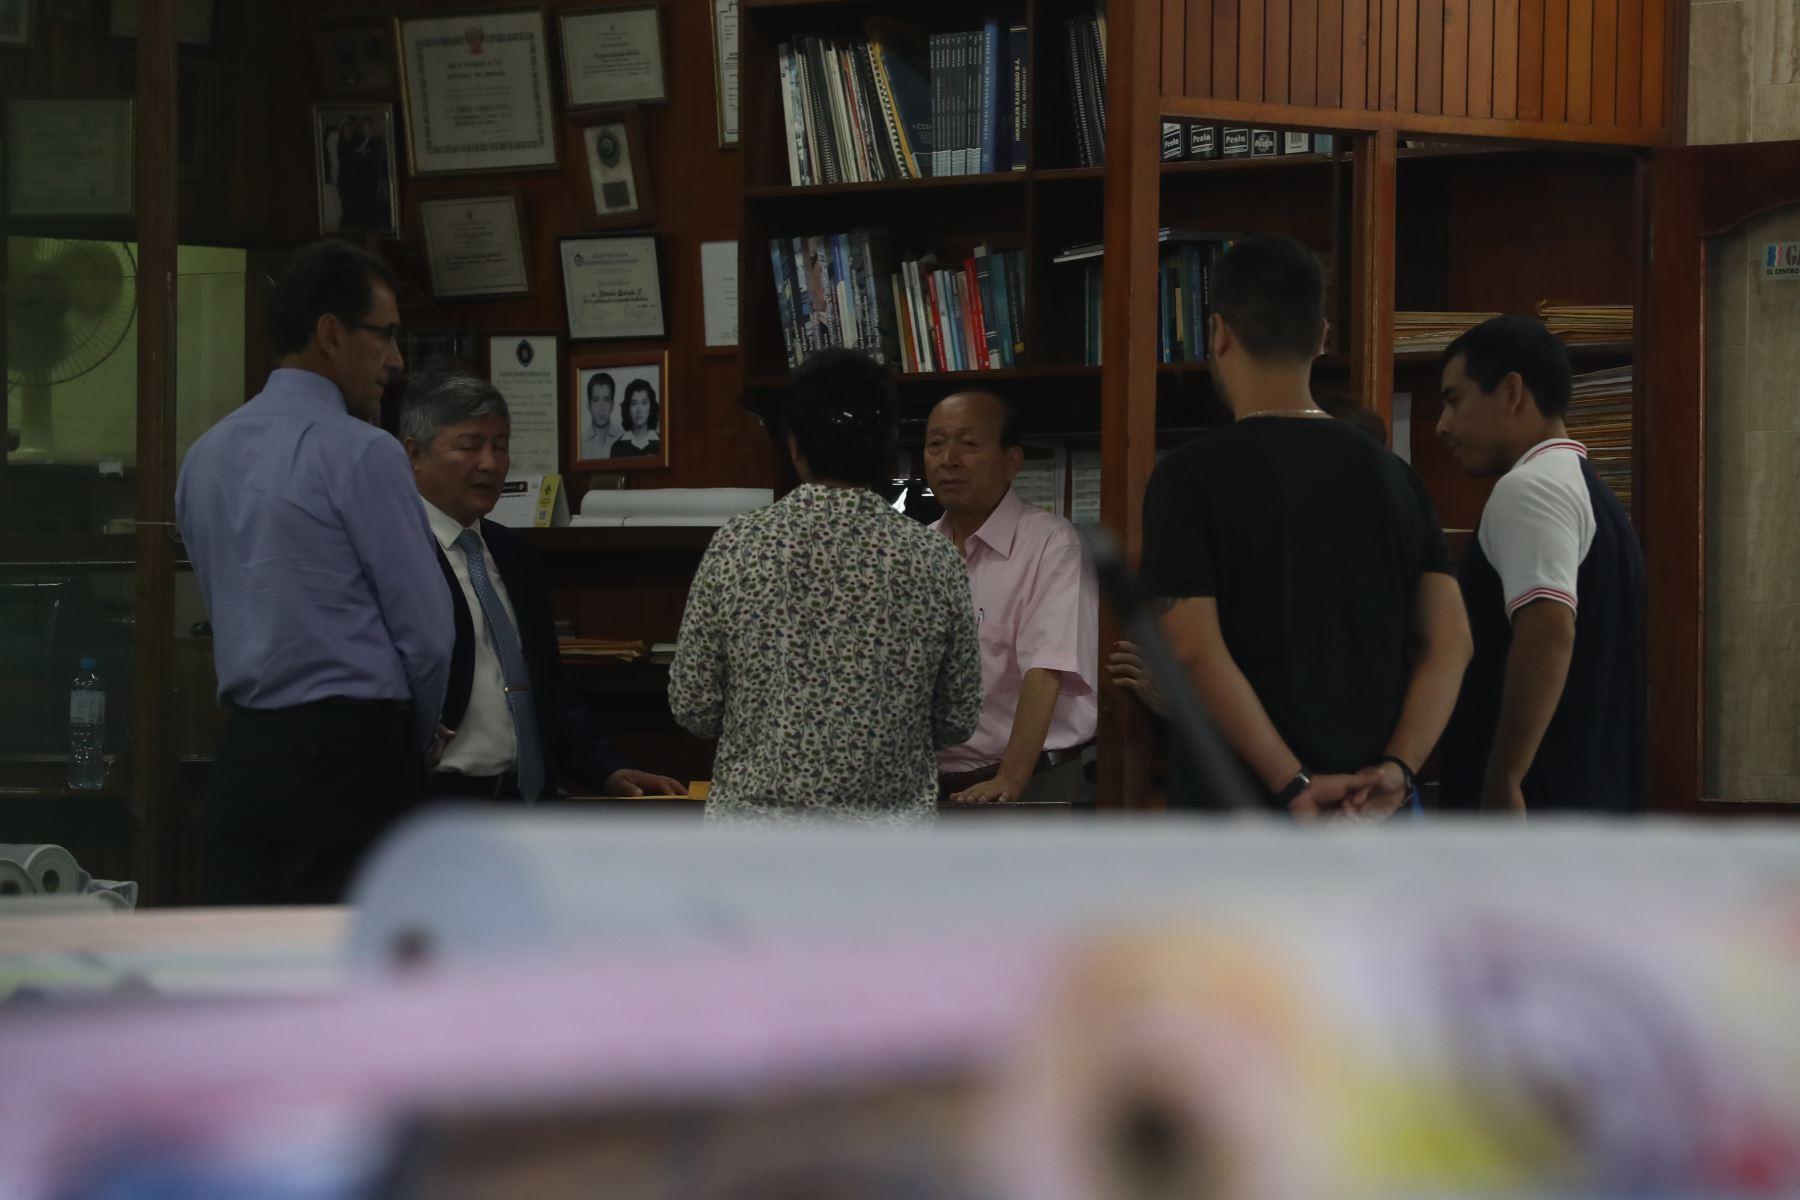 Fiscalía interviene local de hermanos Guizado en Gamarra, implicados en caso los intocables ediles. Nemesio Guizado acompañado de su abogado. Foto: ANDINA/Melina Mejía